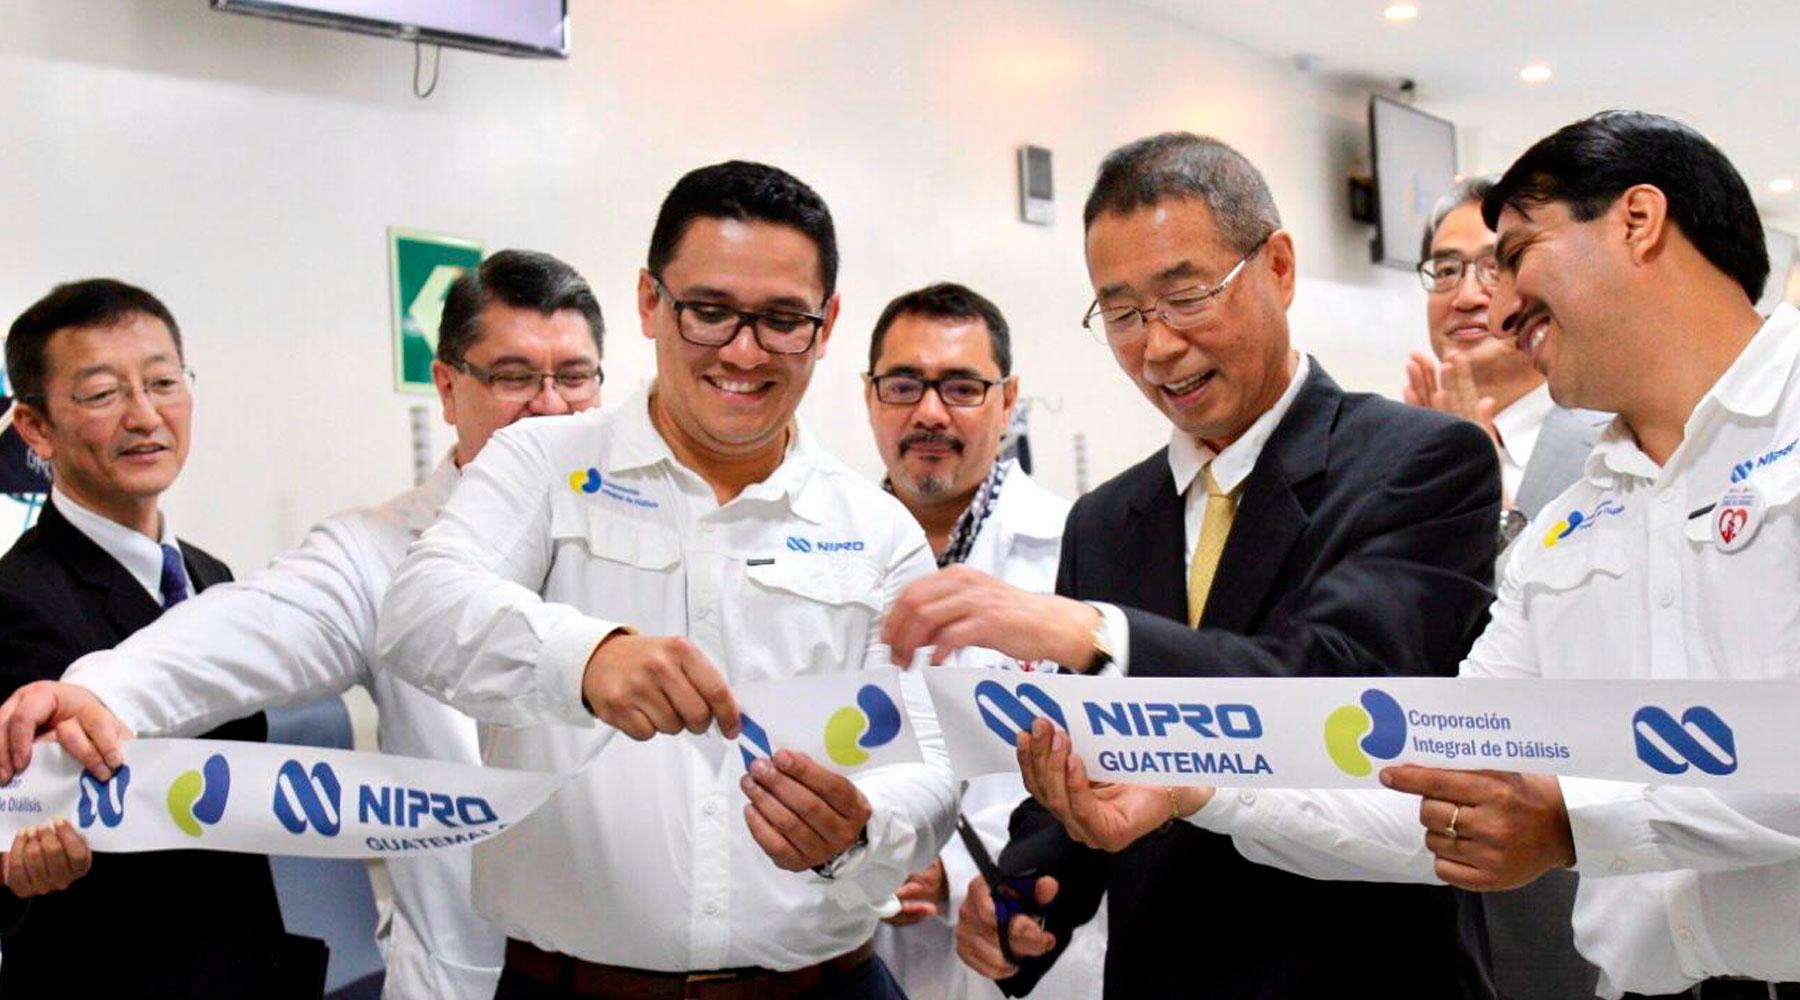 Trabajos en Nipro Medical El Aplicante